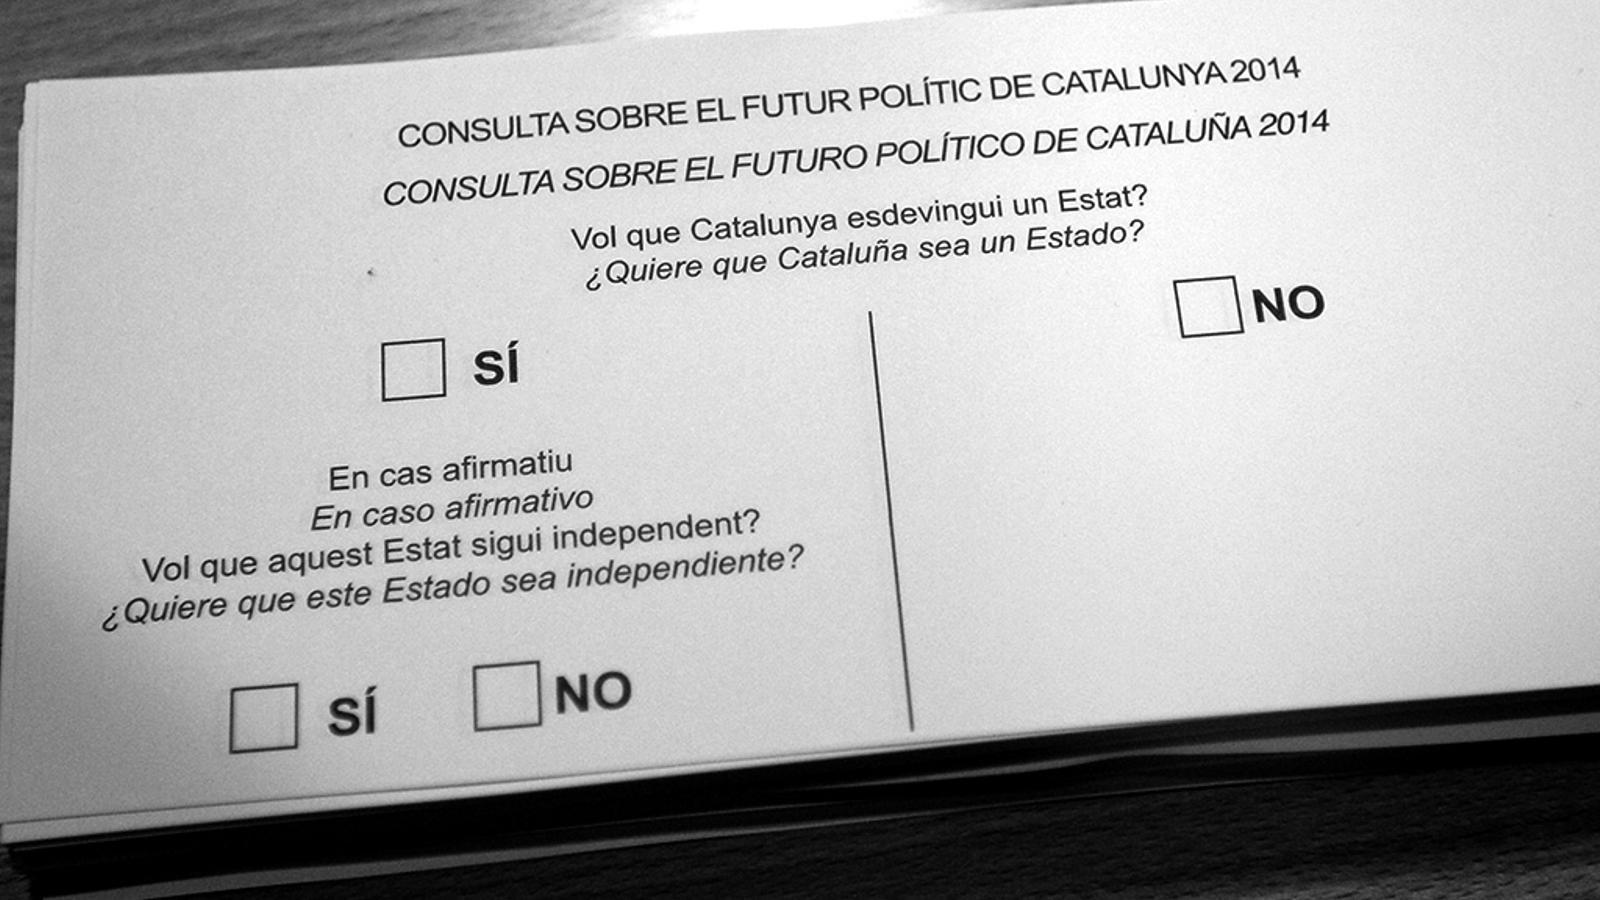 L'editorial d'Antoni Bassas: Un judici polític demana una resposta política (30/09/2015)